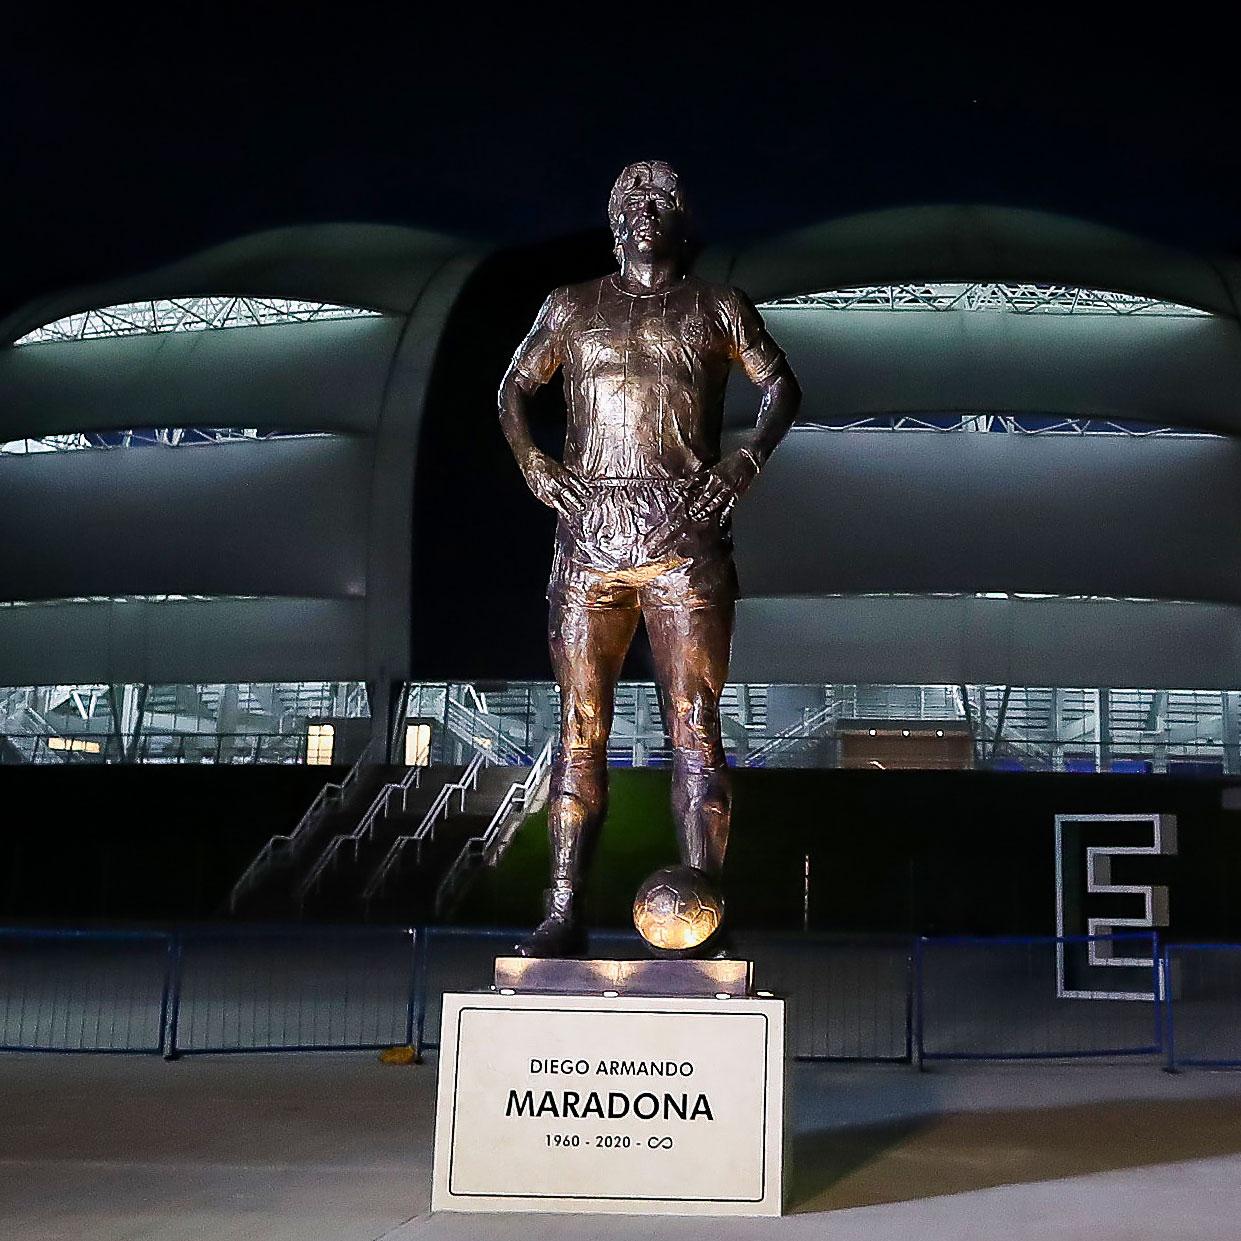 Messi nghẹn ngào trong ngày tri ân Diego Maradona - Bóng Đá